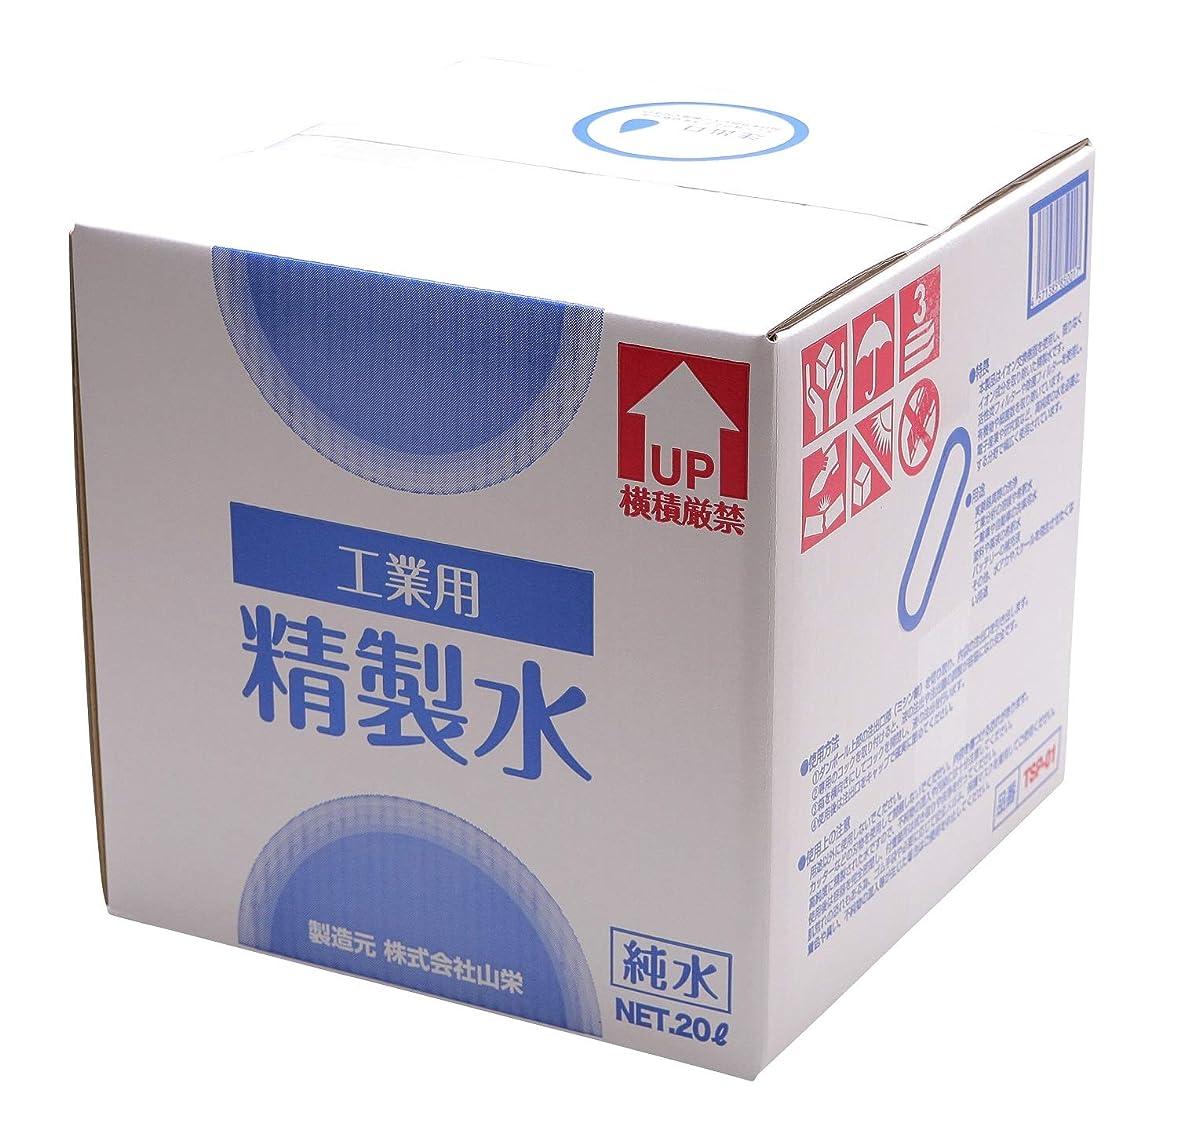 社説薬を飲む快適サンエイ化学 工業用精製水 純水 20L×1箱 コックなし 【スチーマー 加湿器 オートクレーブ エステ 美容 歯科】